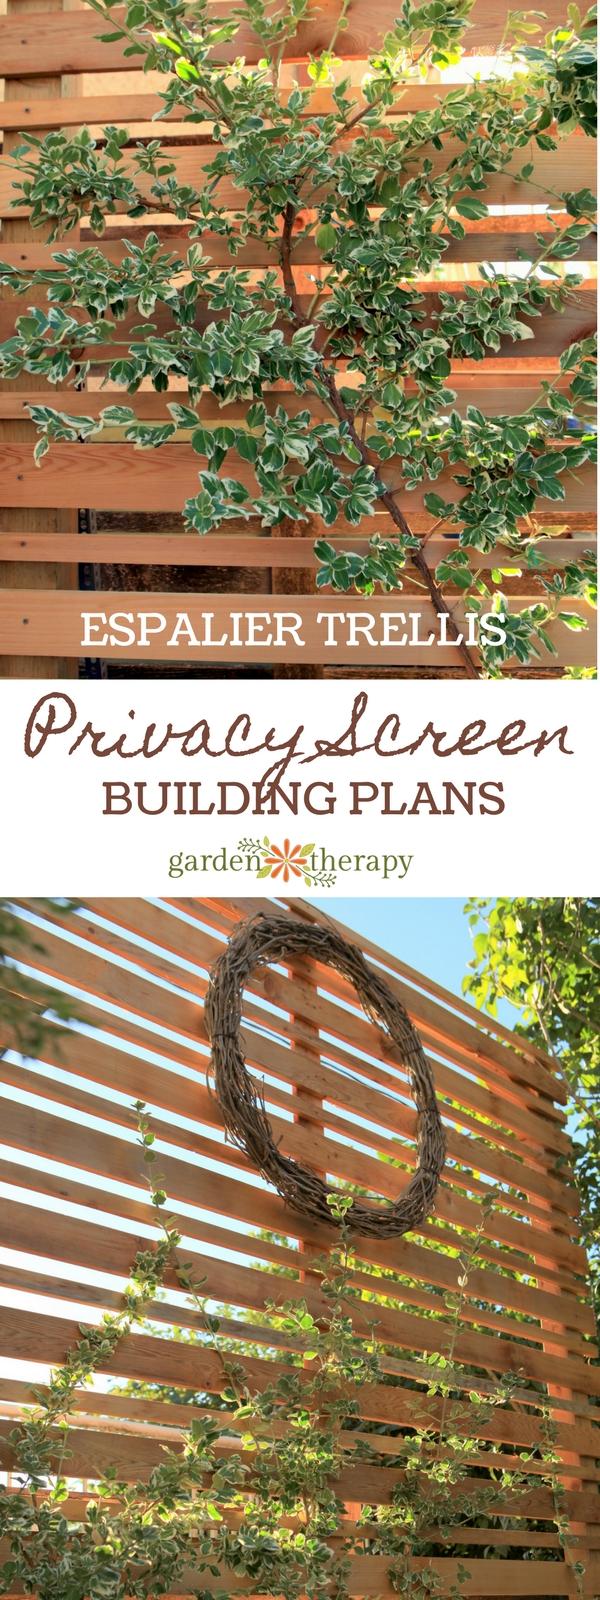 a diy espalier privacy screen for the backyard garden therapy